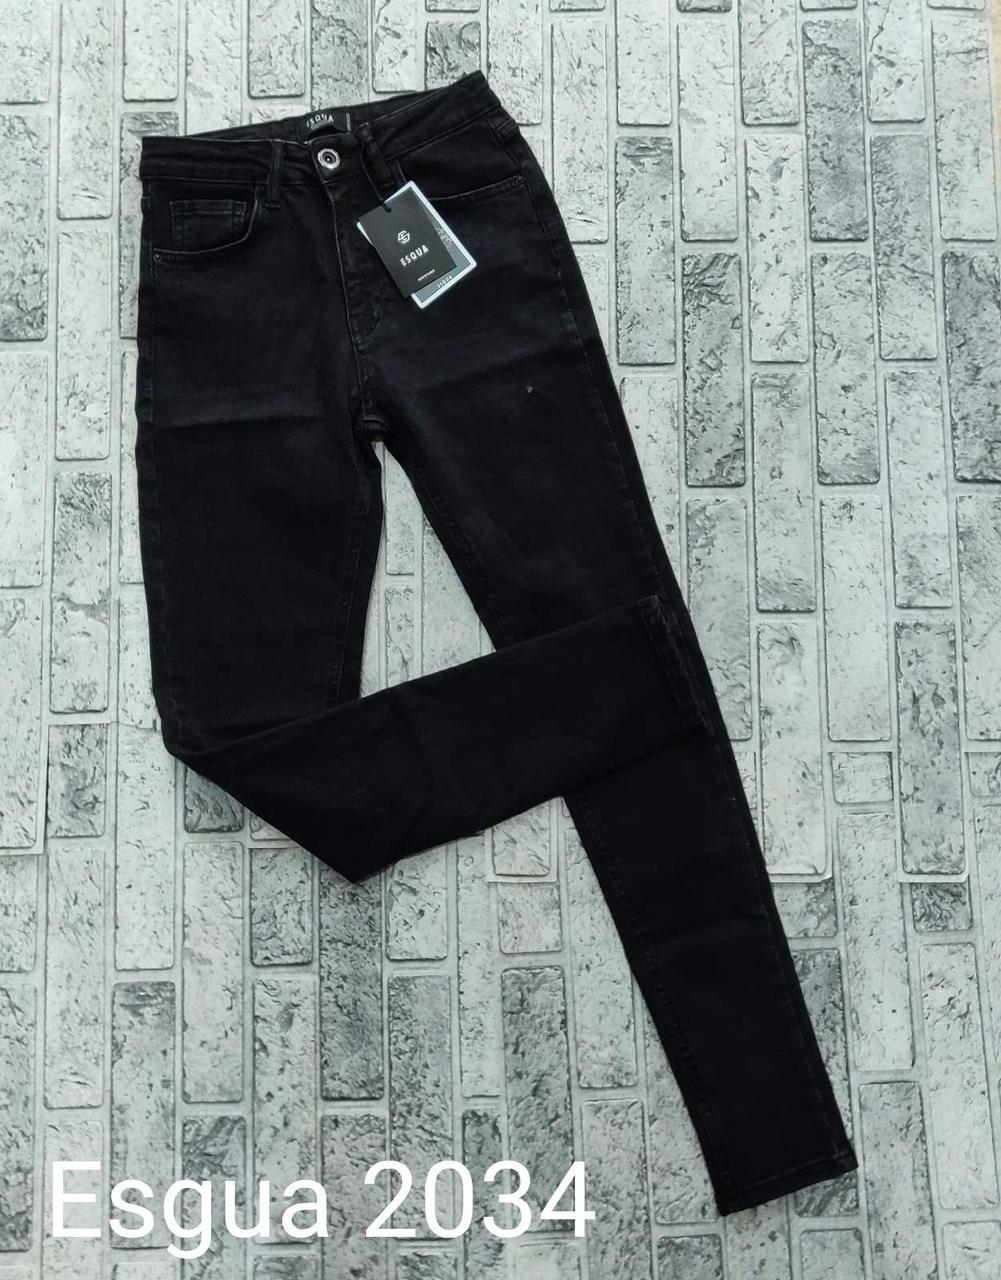 Черные джинсы стрейч американка Esqua 2034 (26-31)